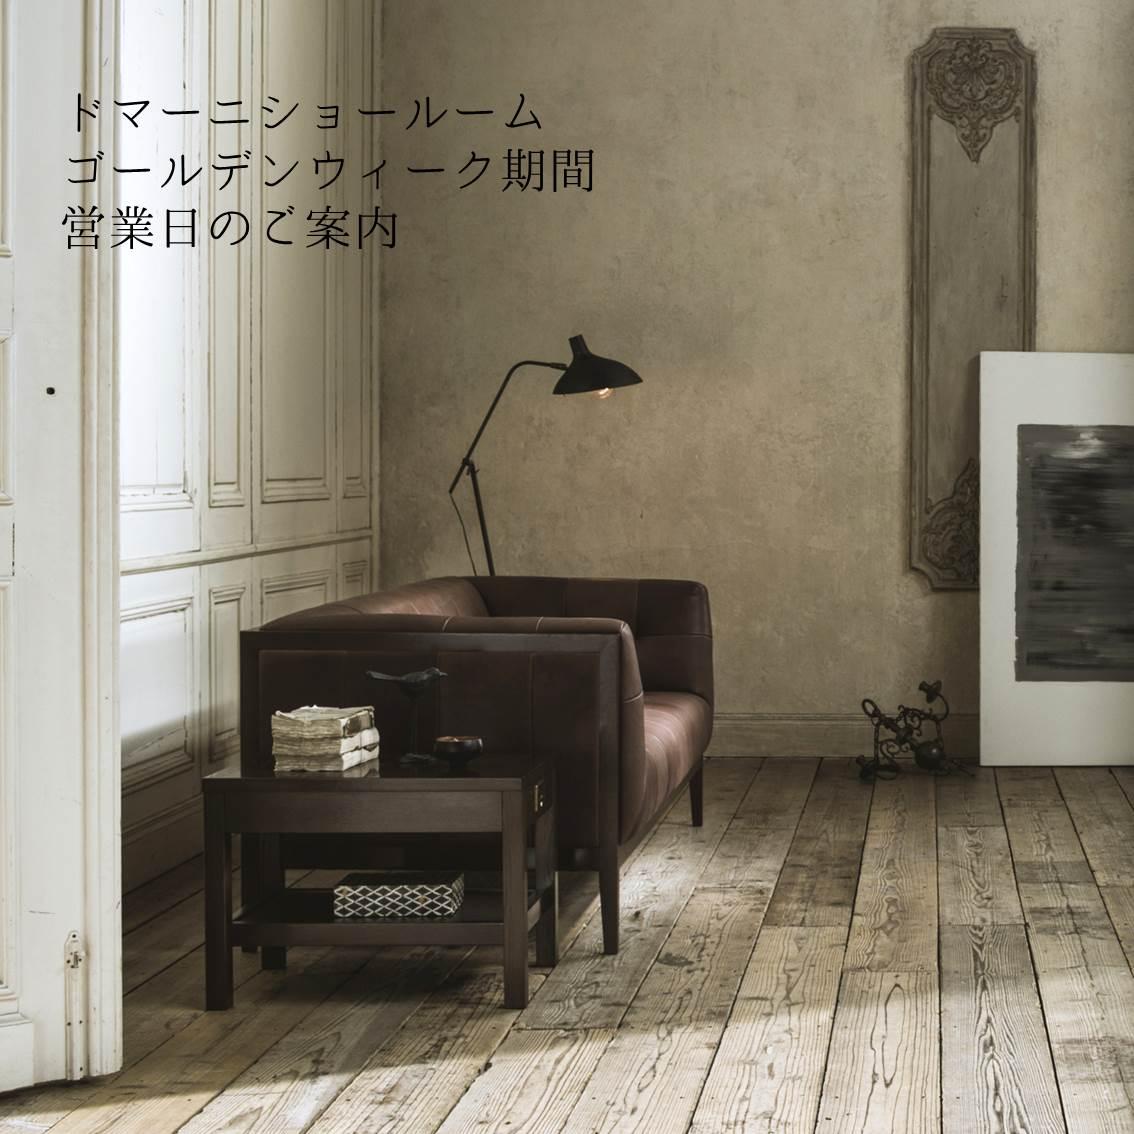 https://www.karimoku.co.jp/blog/domani-nihonbashi/190428a.jpg